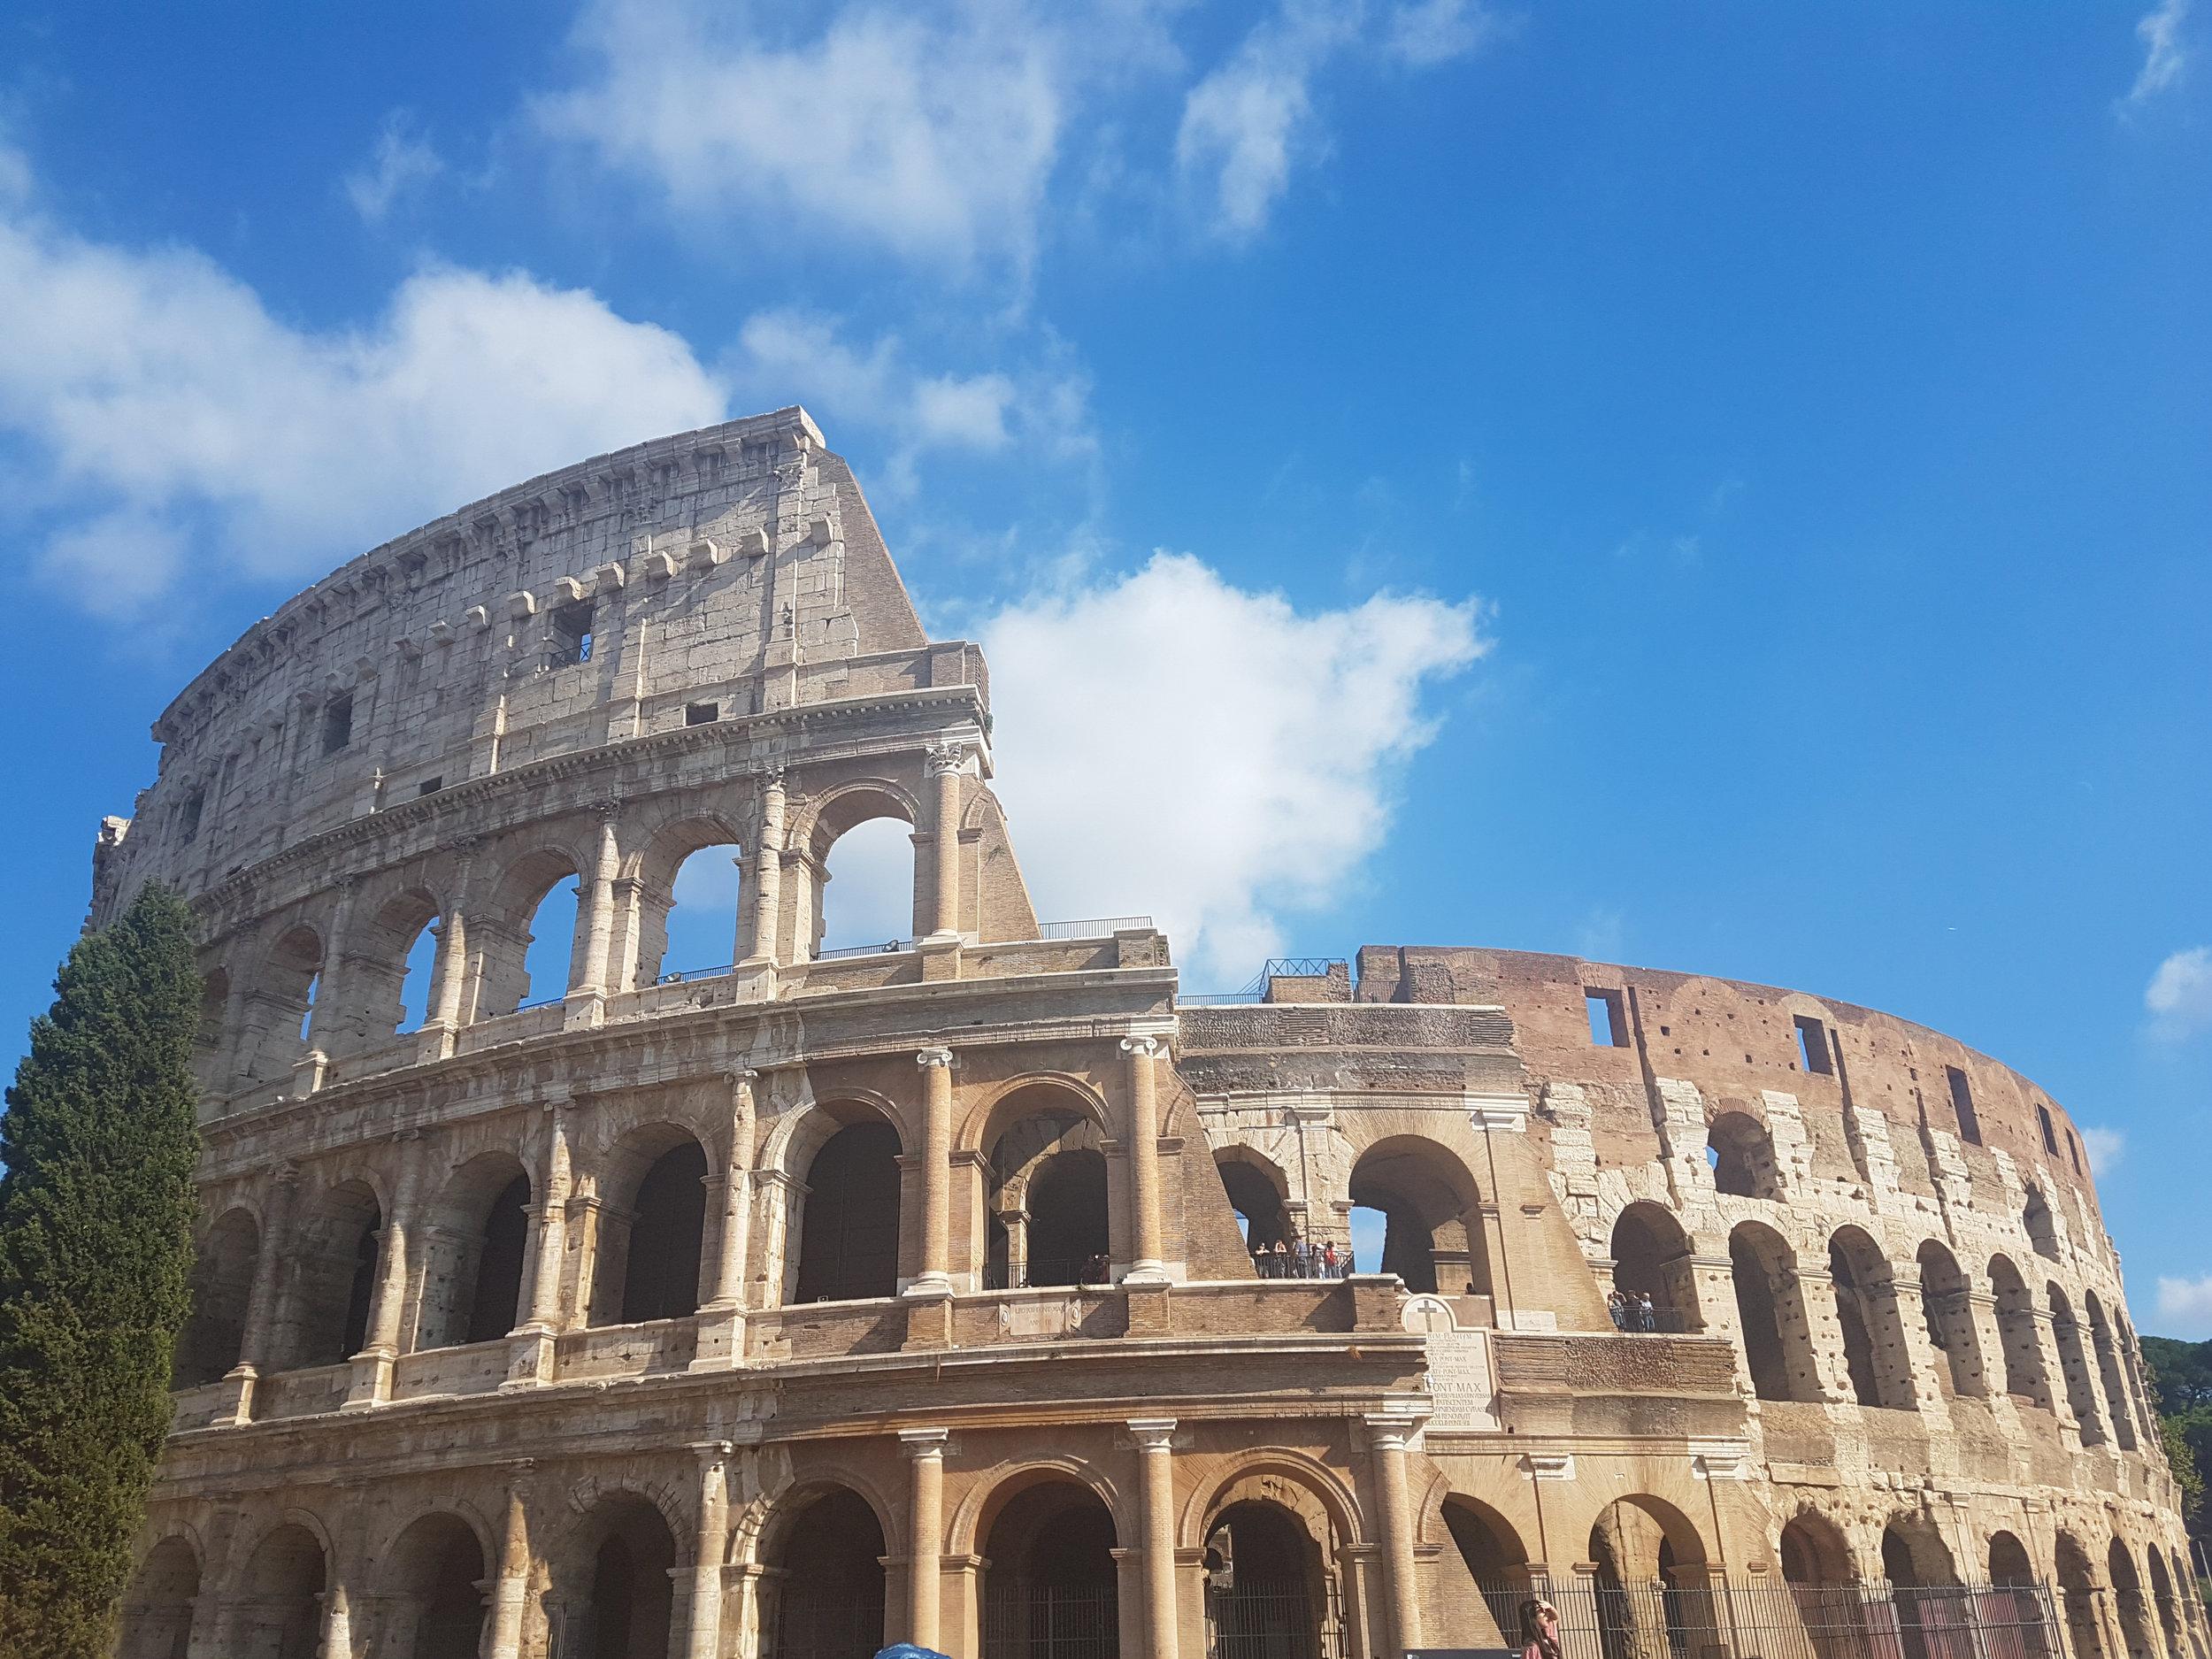 The massive Colosseum.